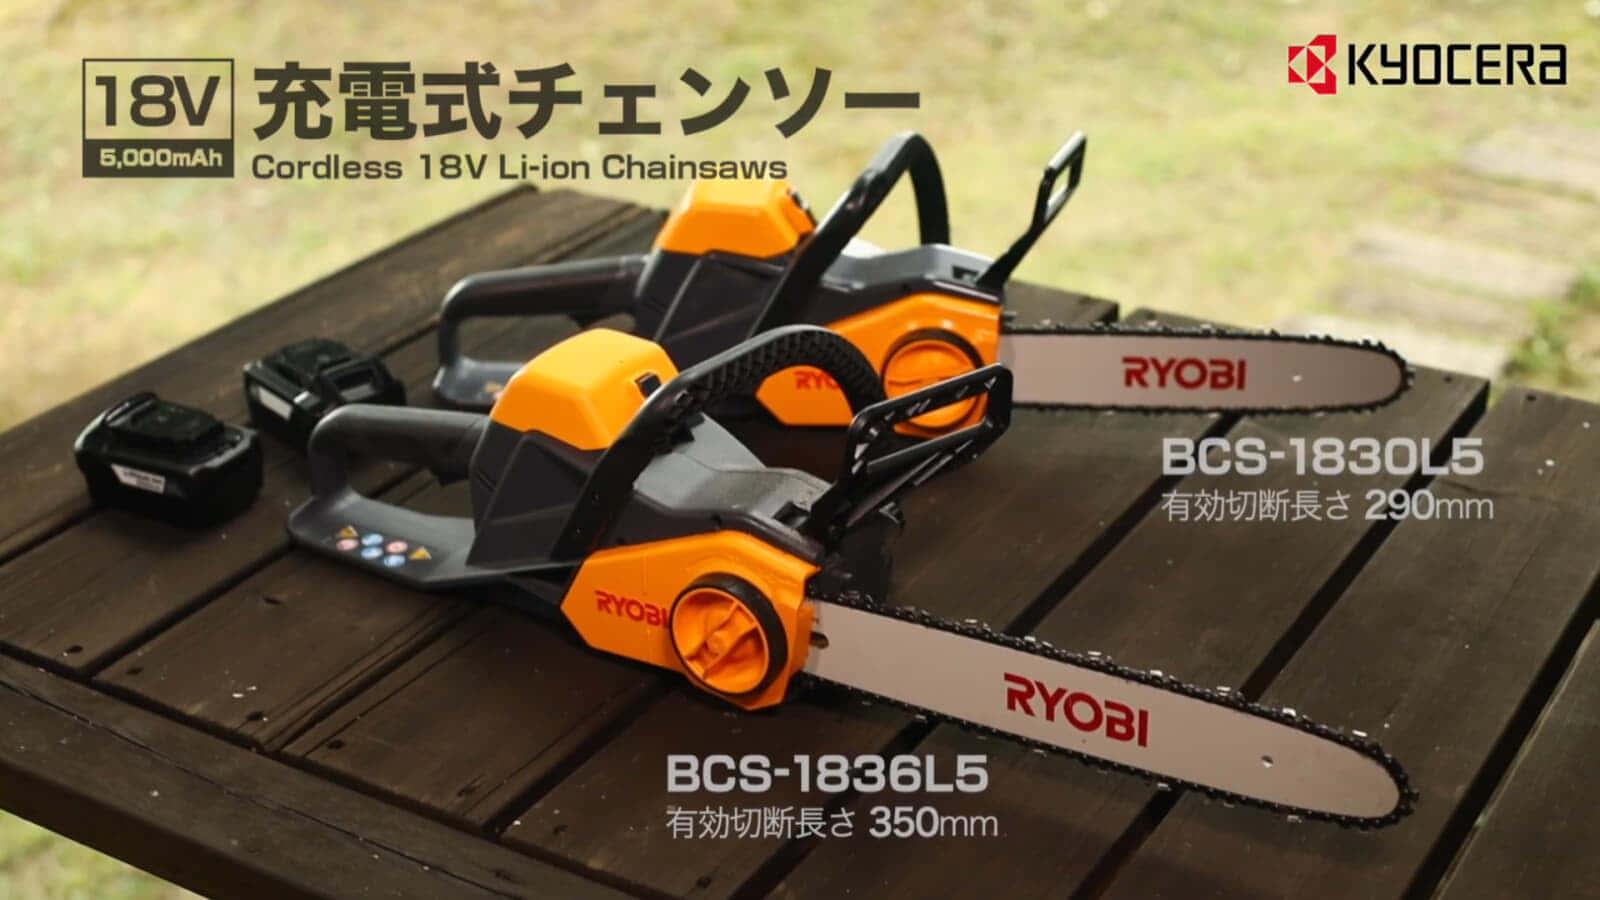 RYOBI BCS-1830/BCS-1836 充電式チェンソーを発売、ワンランク上のパワーと切れ味